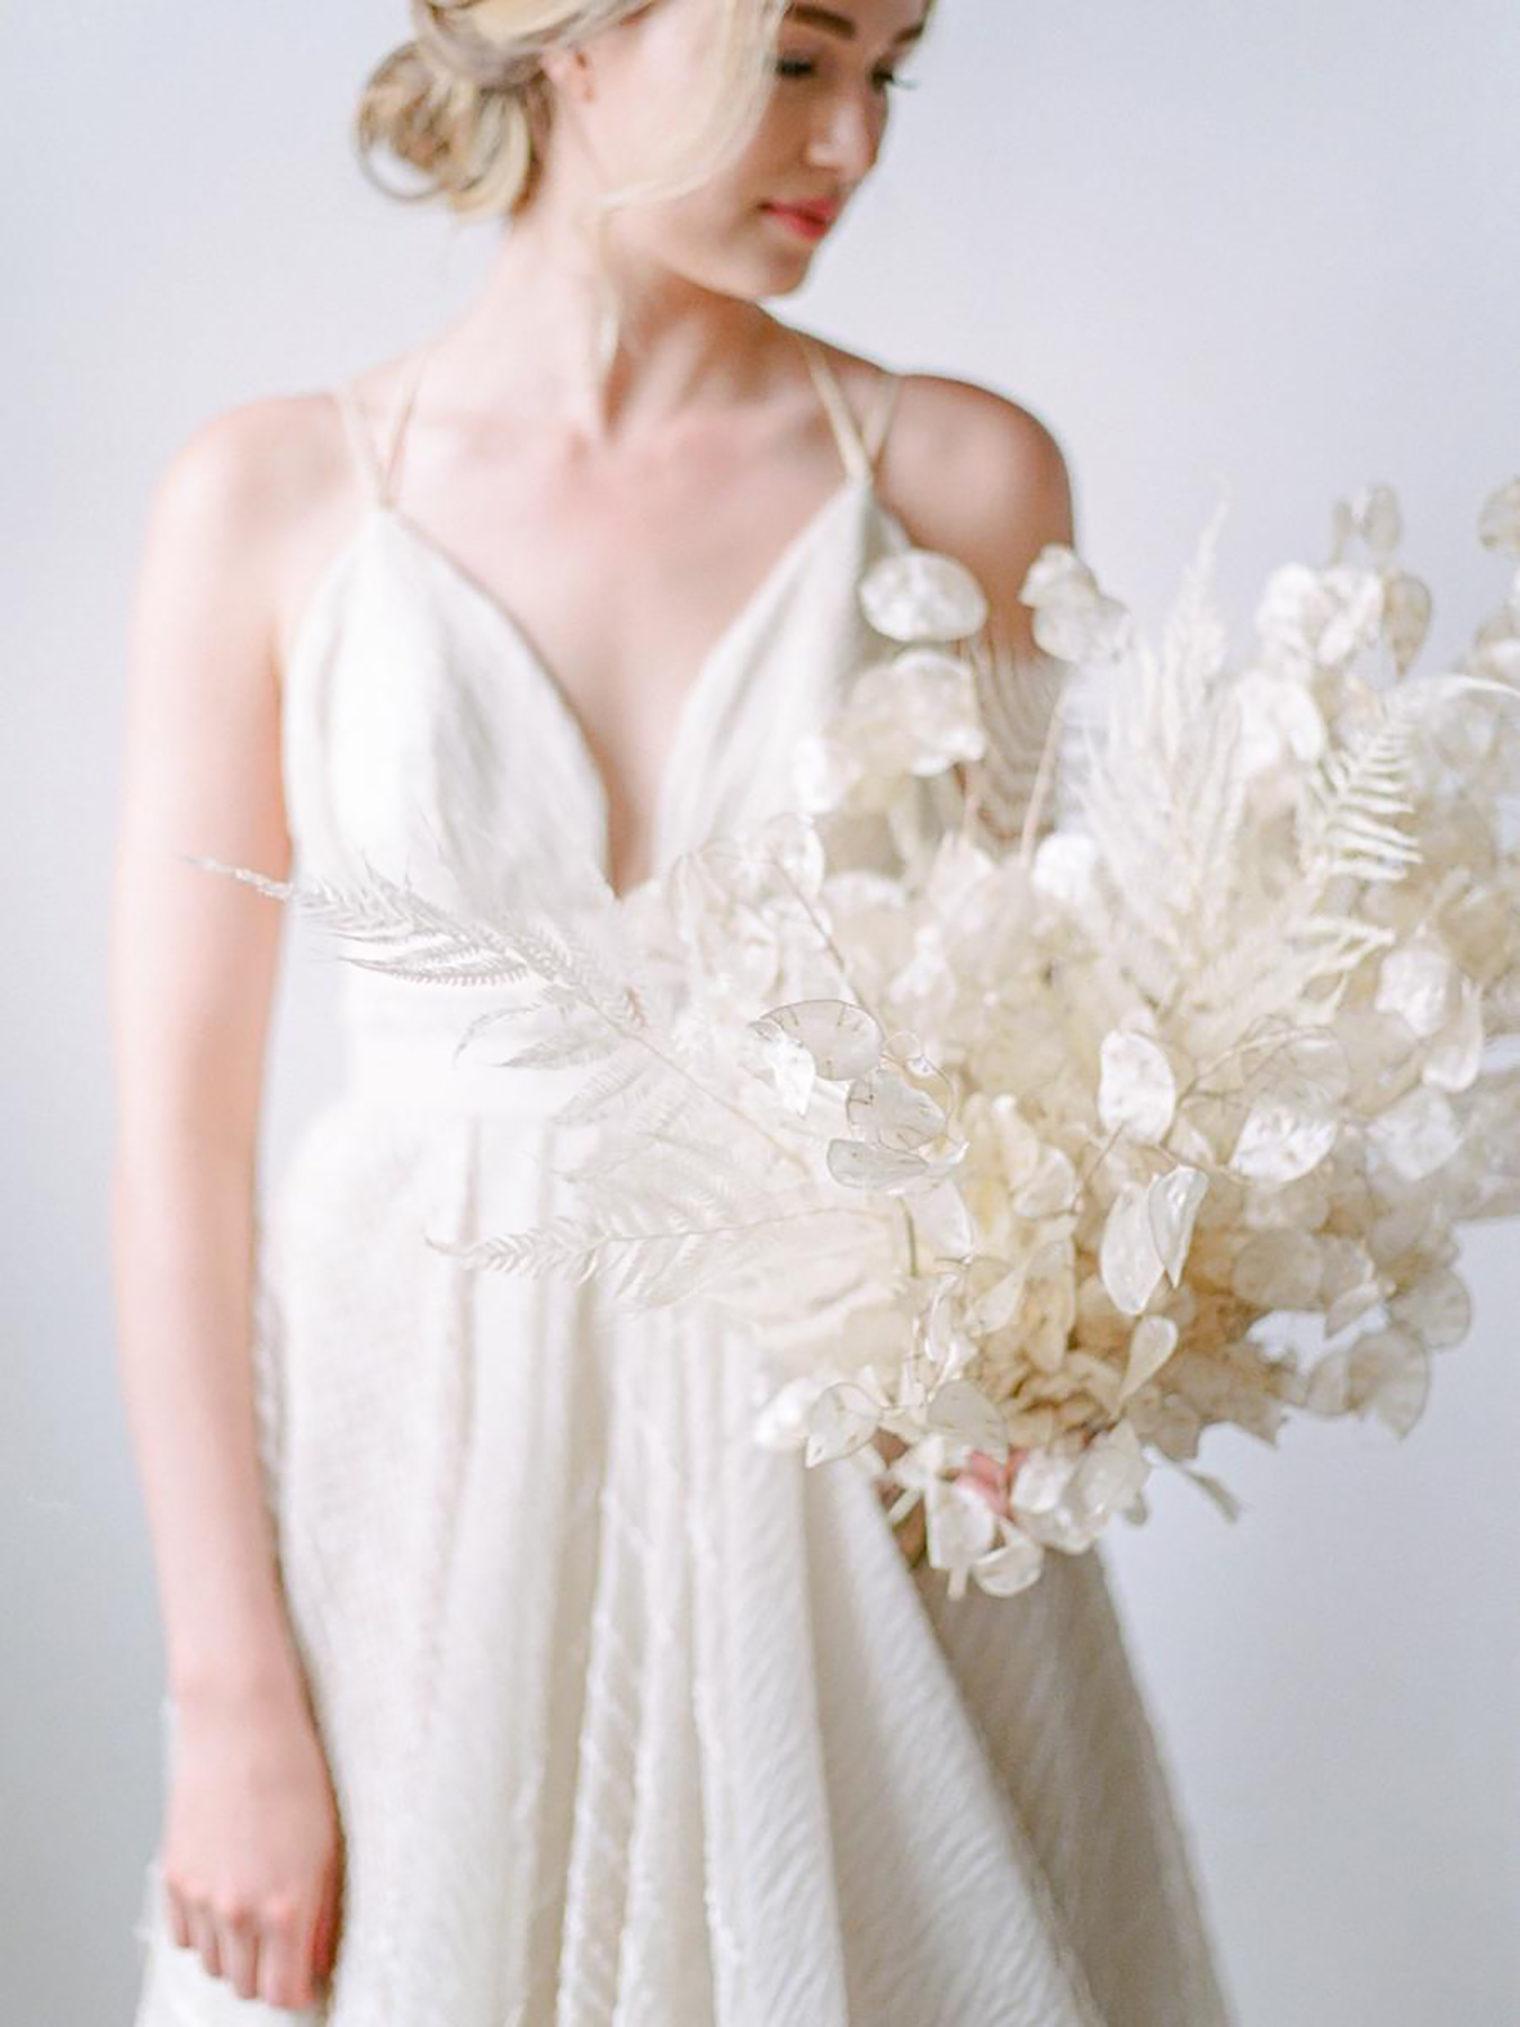 White Bridal Bouquet at Sinclair & Moore Workshop